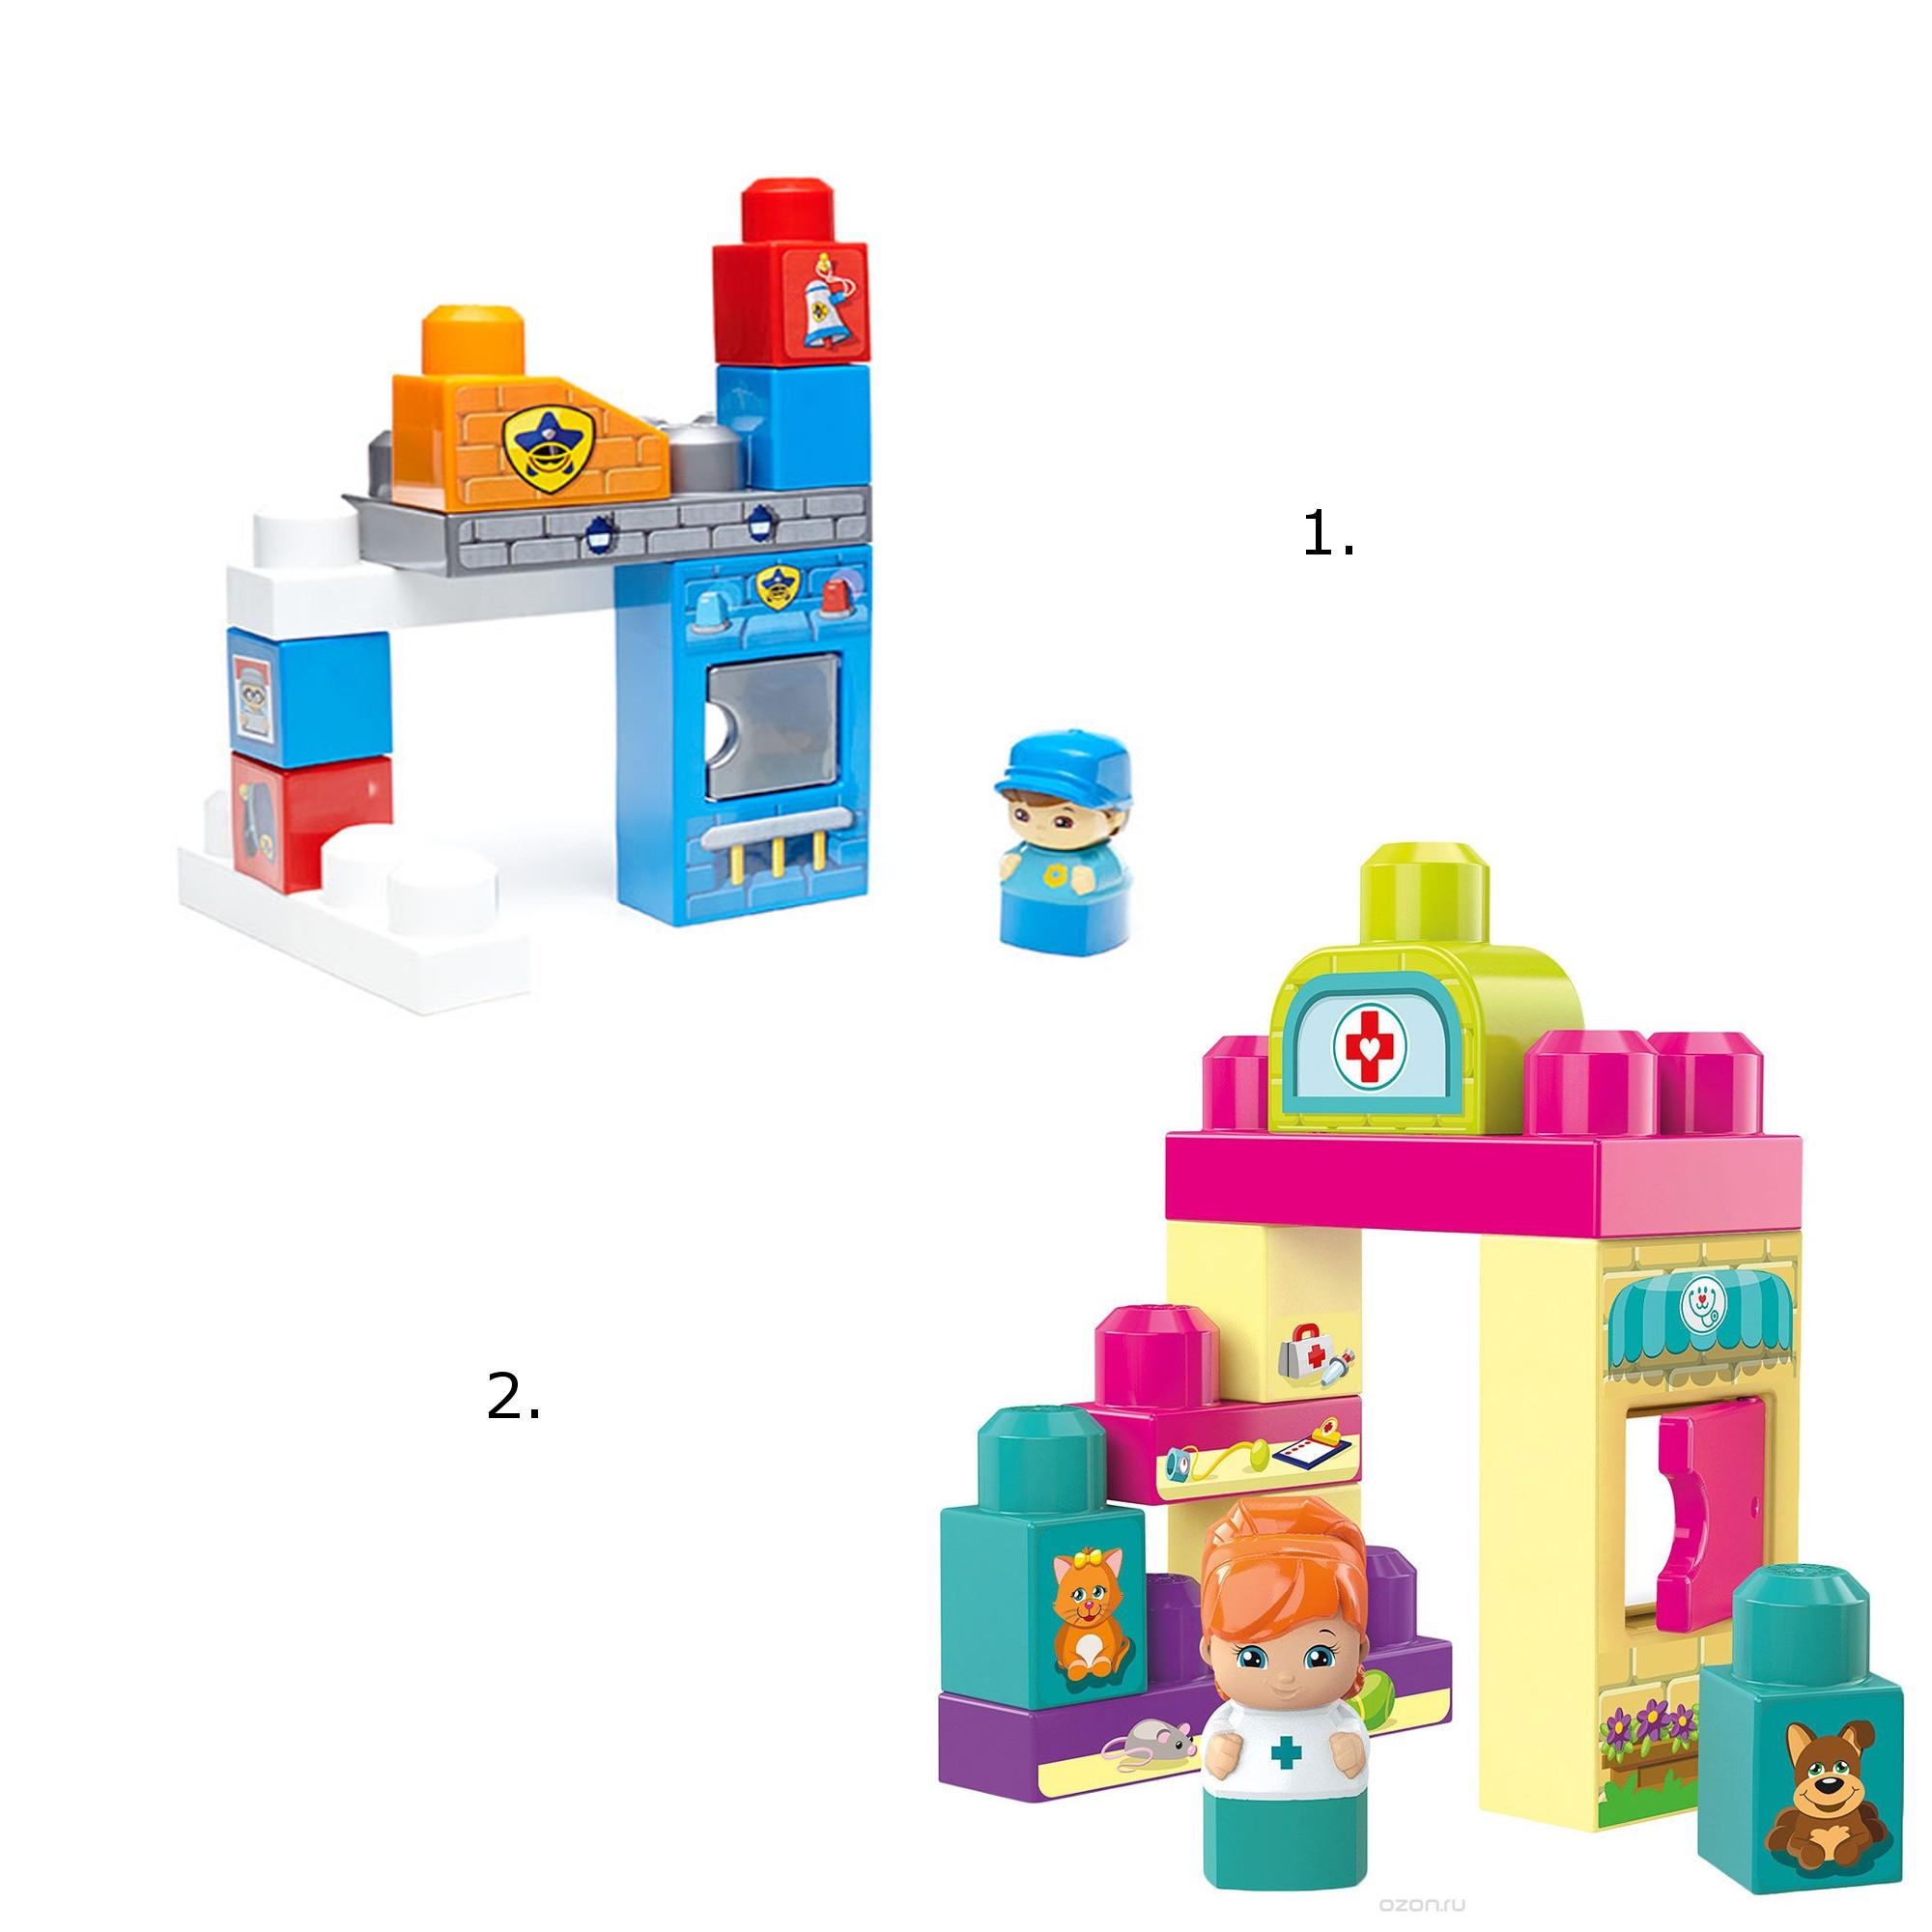 Маленькие игровые наборы – конструкторы, 2 видаКонструкторы Mega Bloks<br>Маленькие игровые наборы – конструкторы, 2 вида<br>